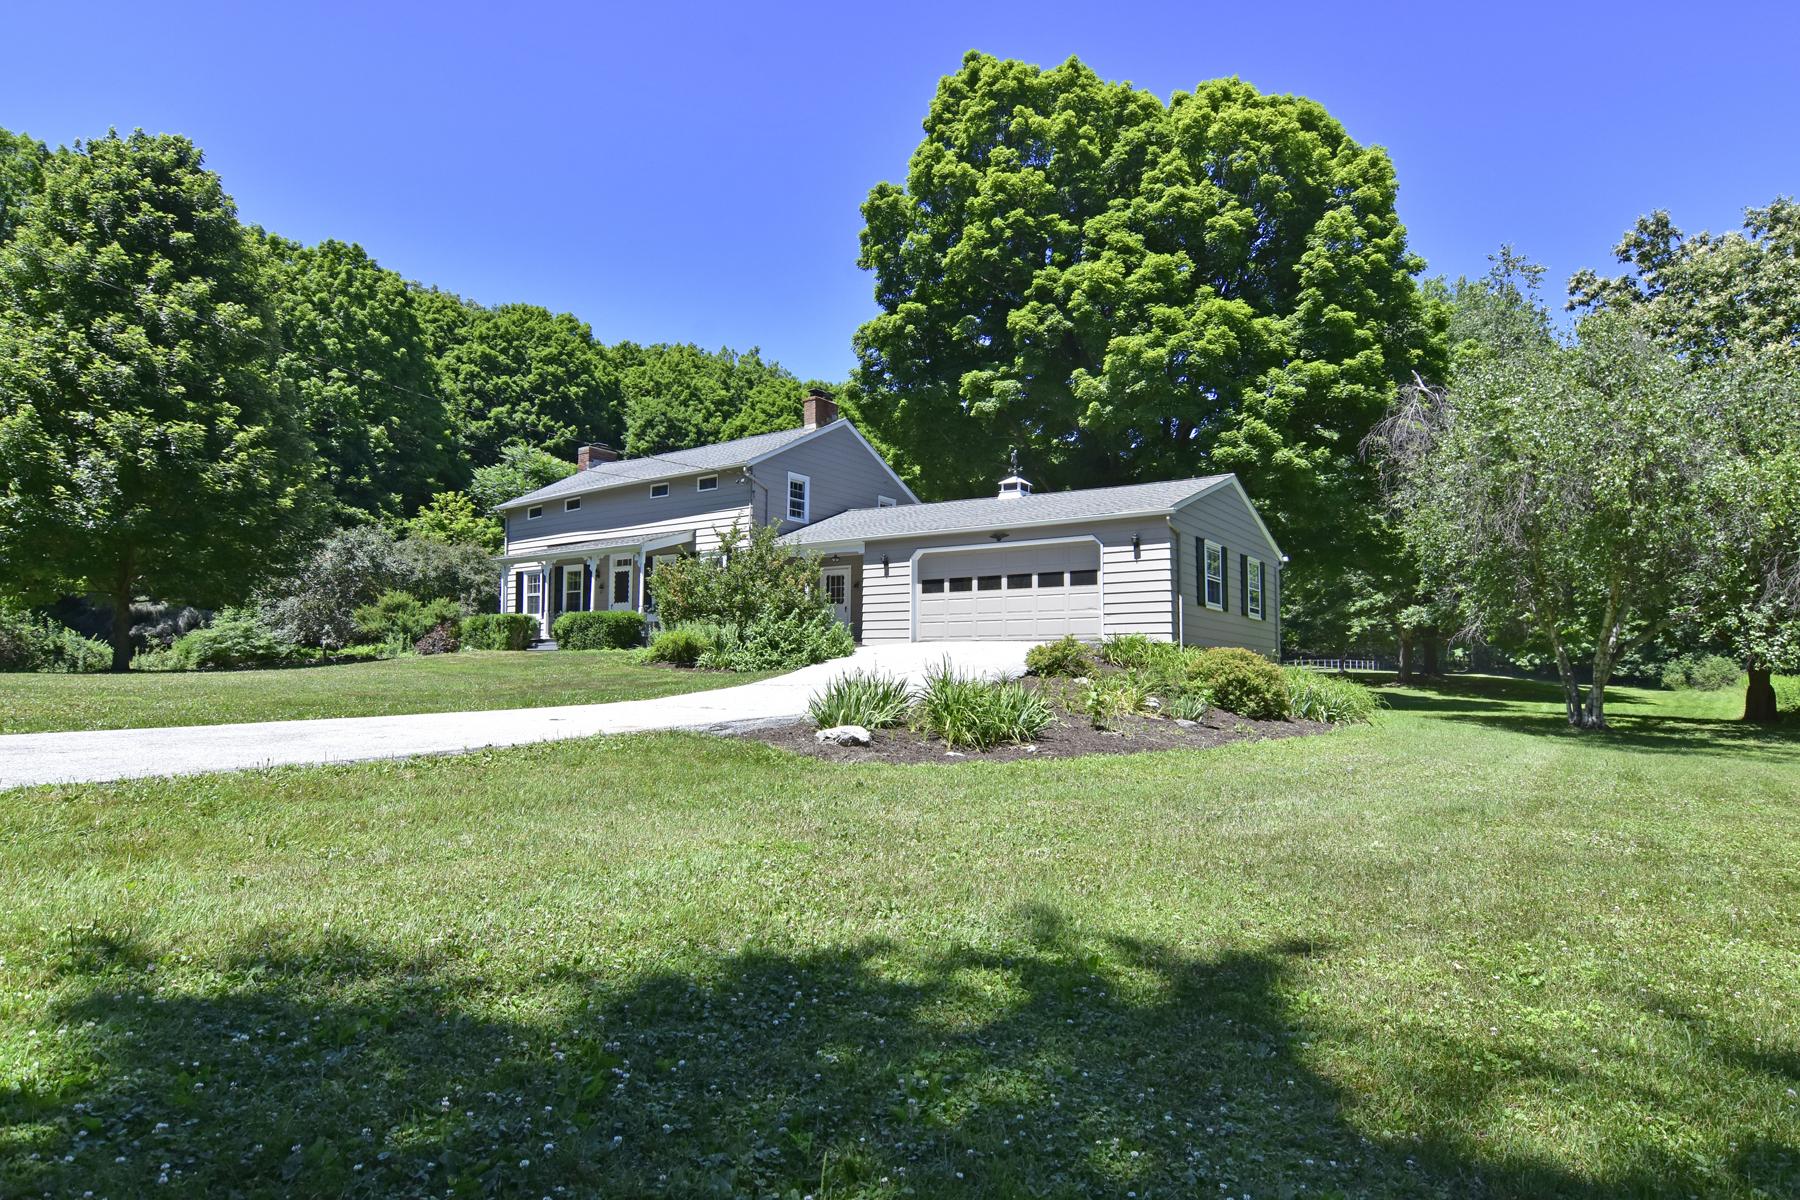 独户住宅 为 销售 在 Peaceful Hudson Valley Retreat 83 Willow Lane 克林顿, 纽约州 12514 美国